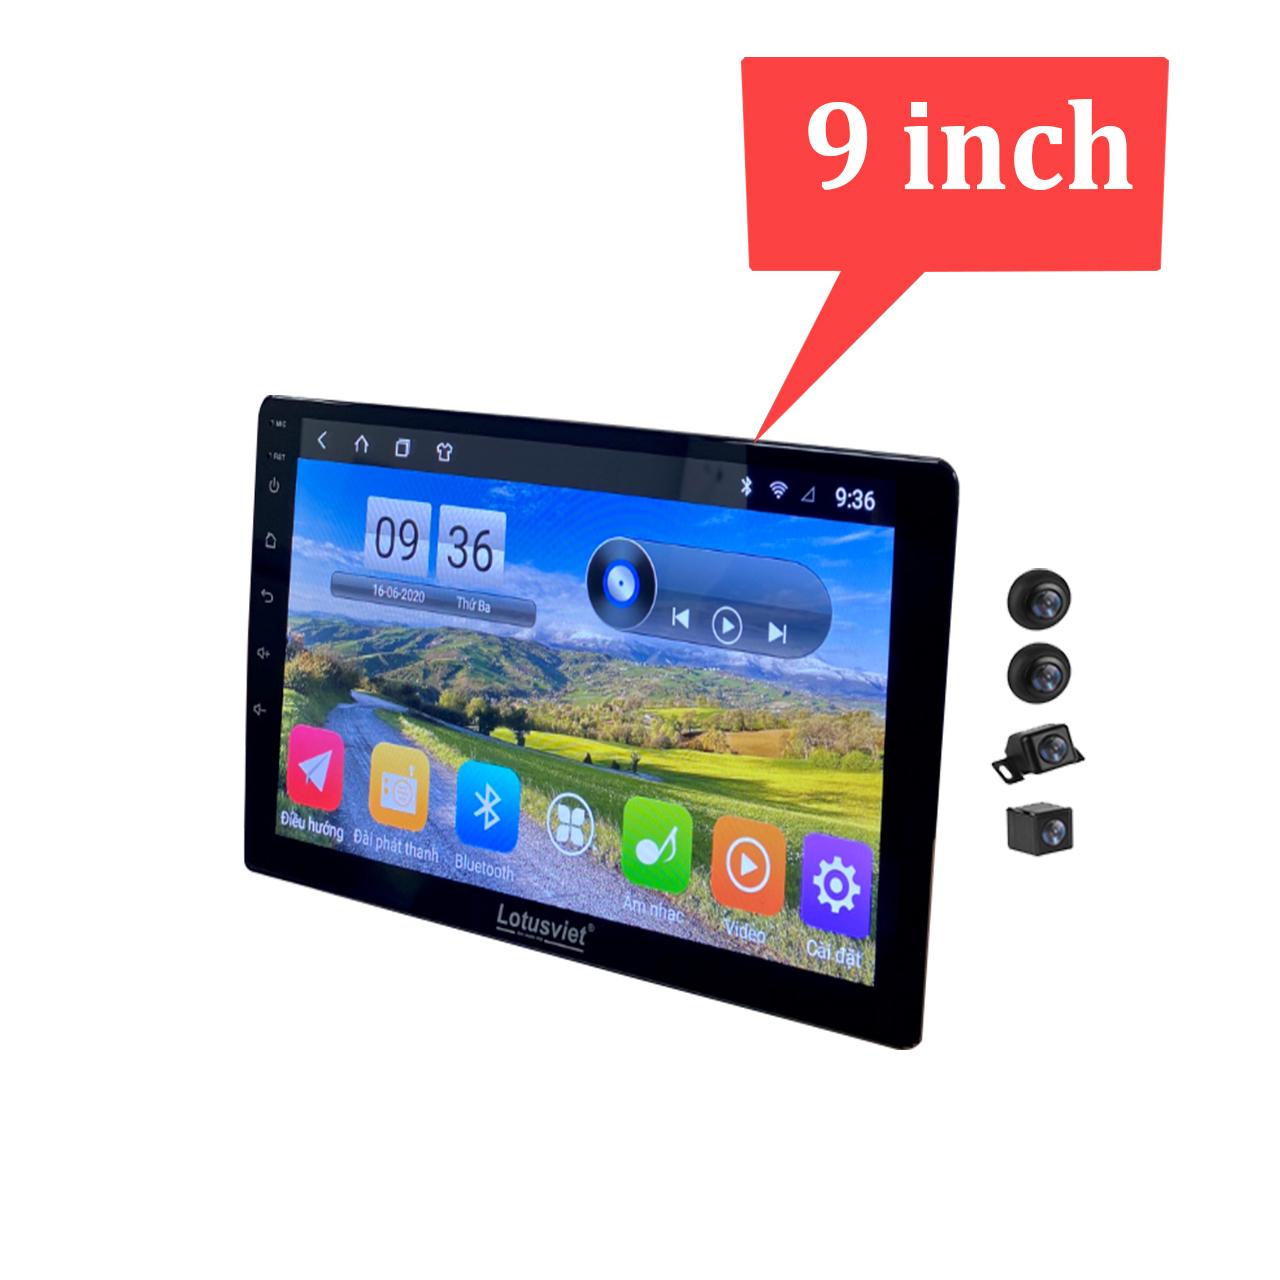 Bộ kết hợp màn hình DVD Android và Camera 360 độ 2 trong 1 cao cấp chuẩn AHD dùng cho các loại xe ô tô, xe hơi AHD-360 - Hàng Chính Hãng